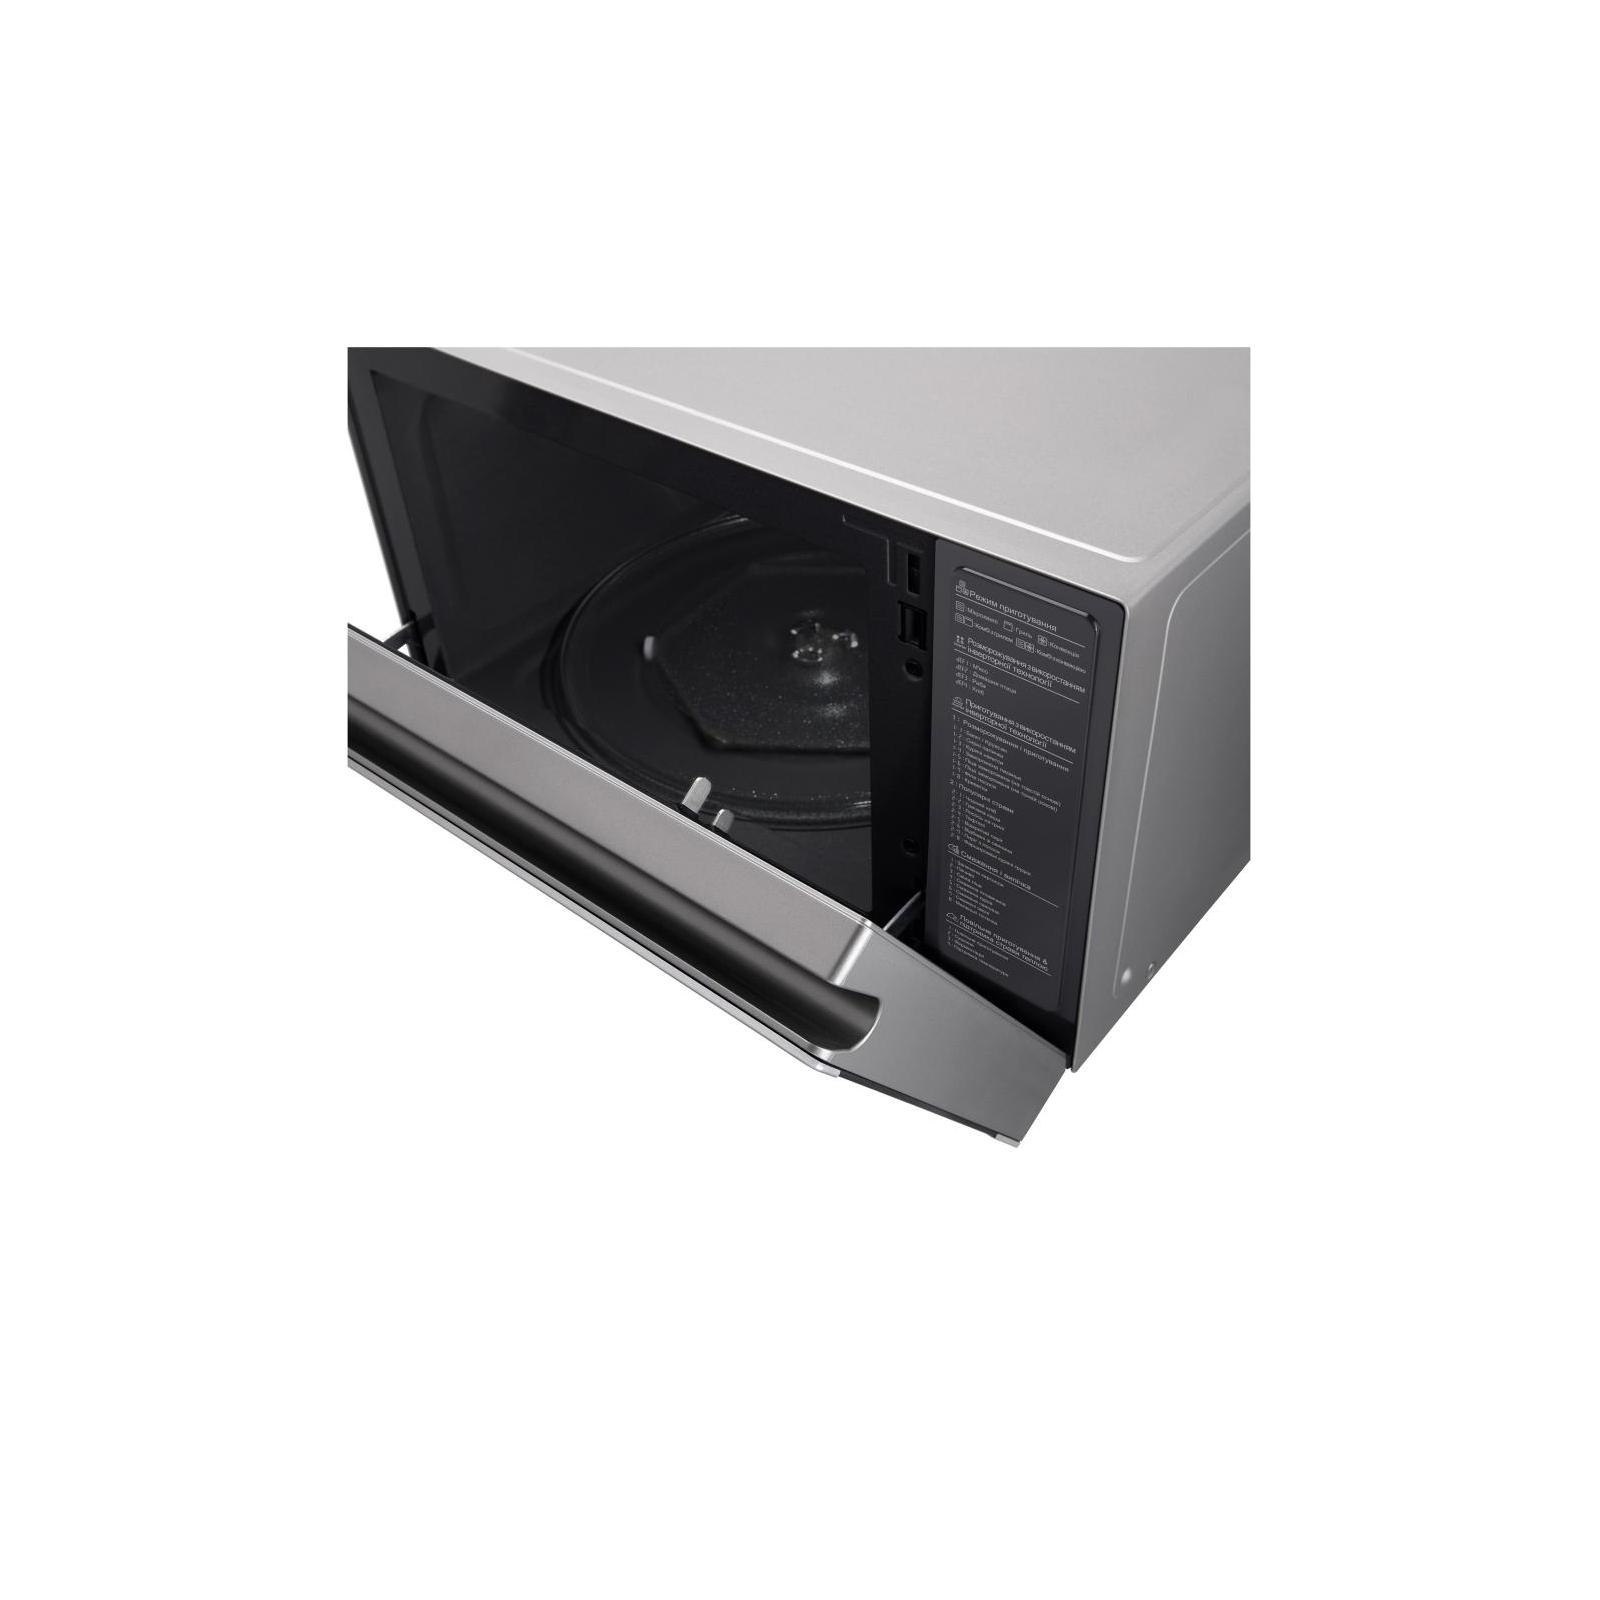 Микроволновая печь LG MJ3965AIS изображение 5